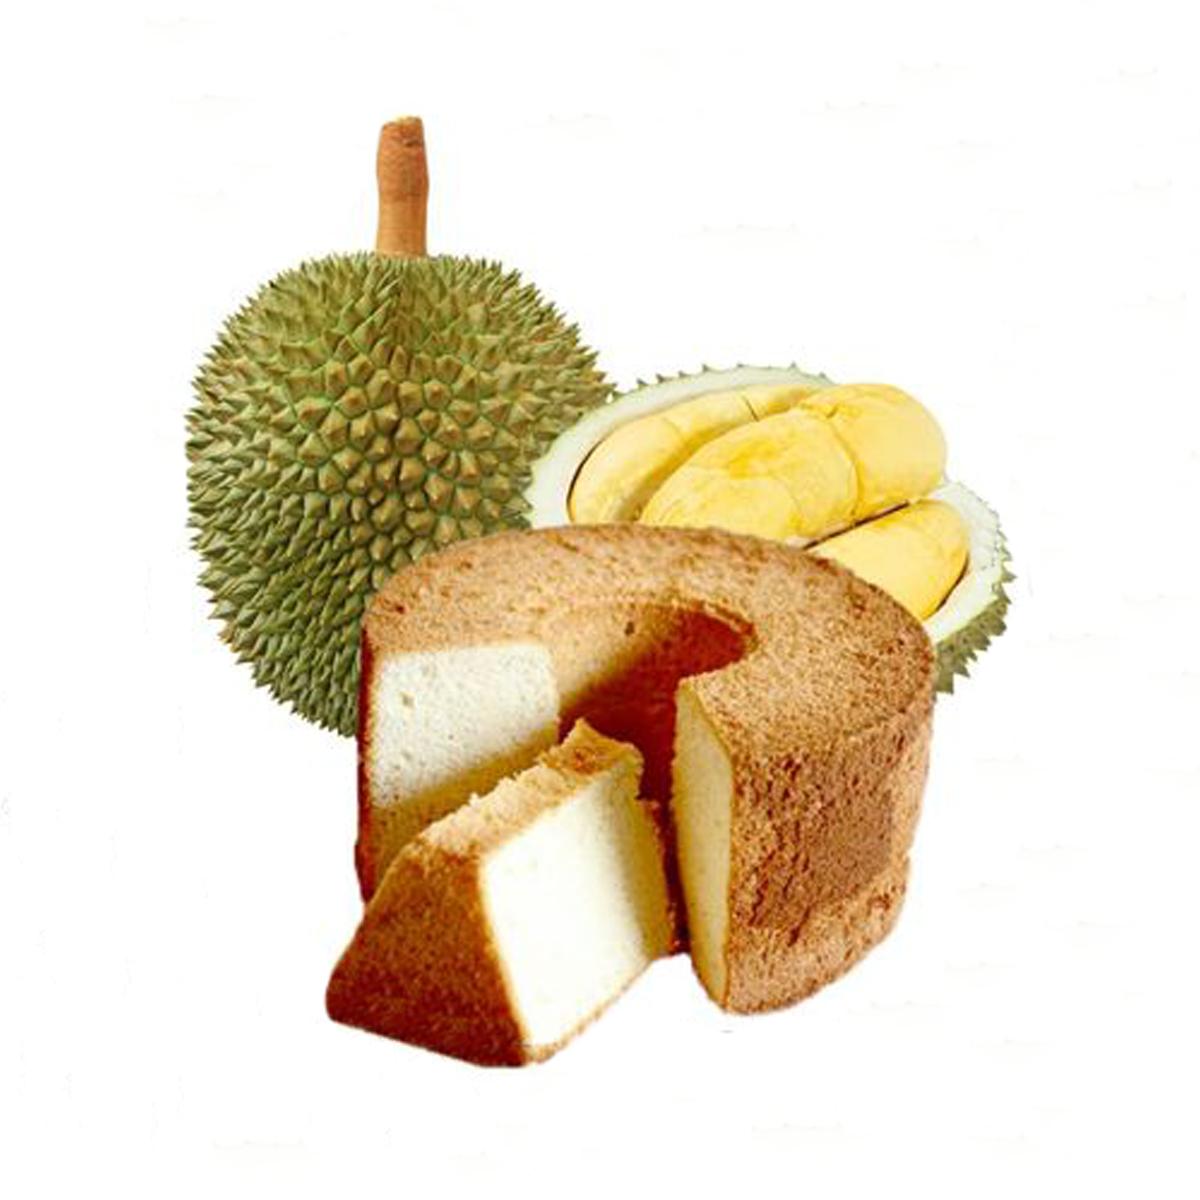 1x 400g Mao Shan Wang Durian Chiffon Cake